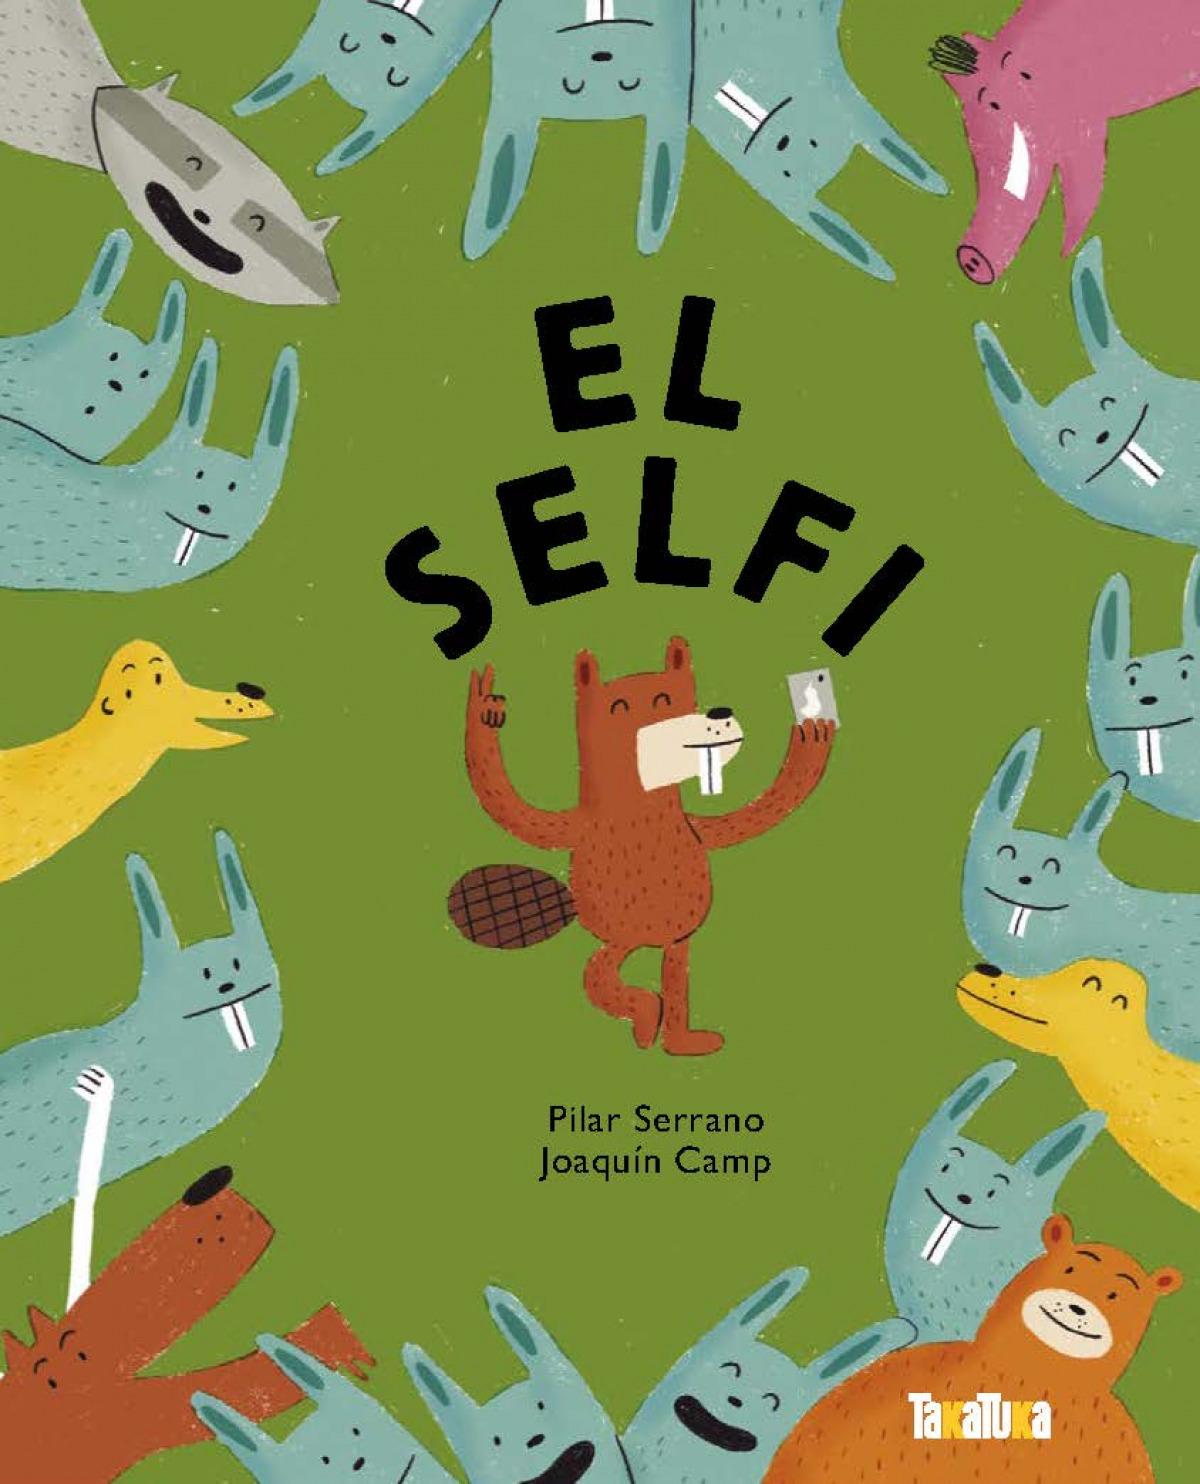 El selfi